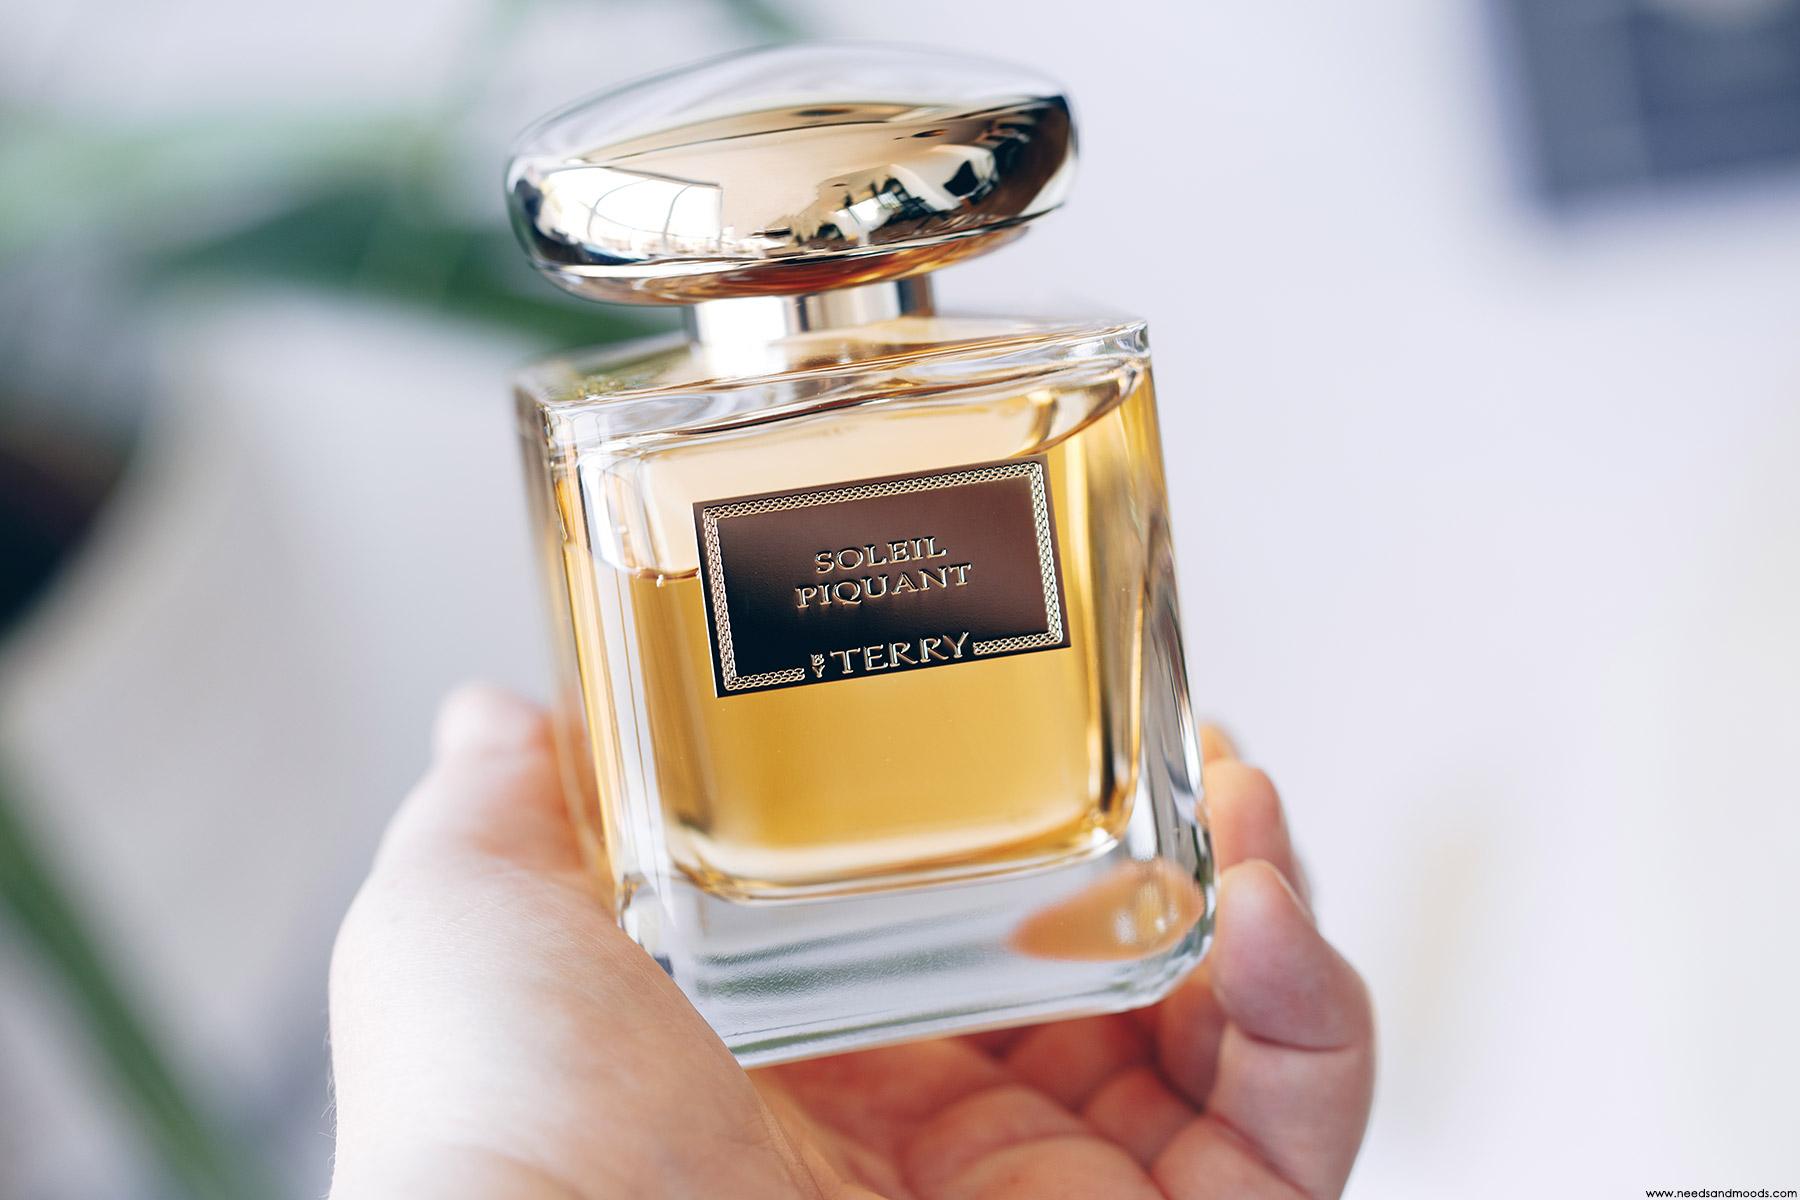 avis parfum by terry soleil piquant